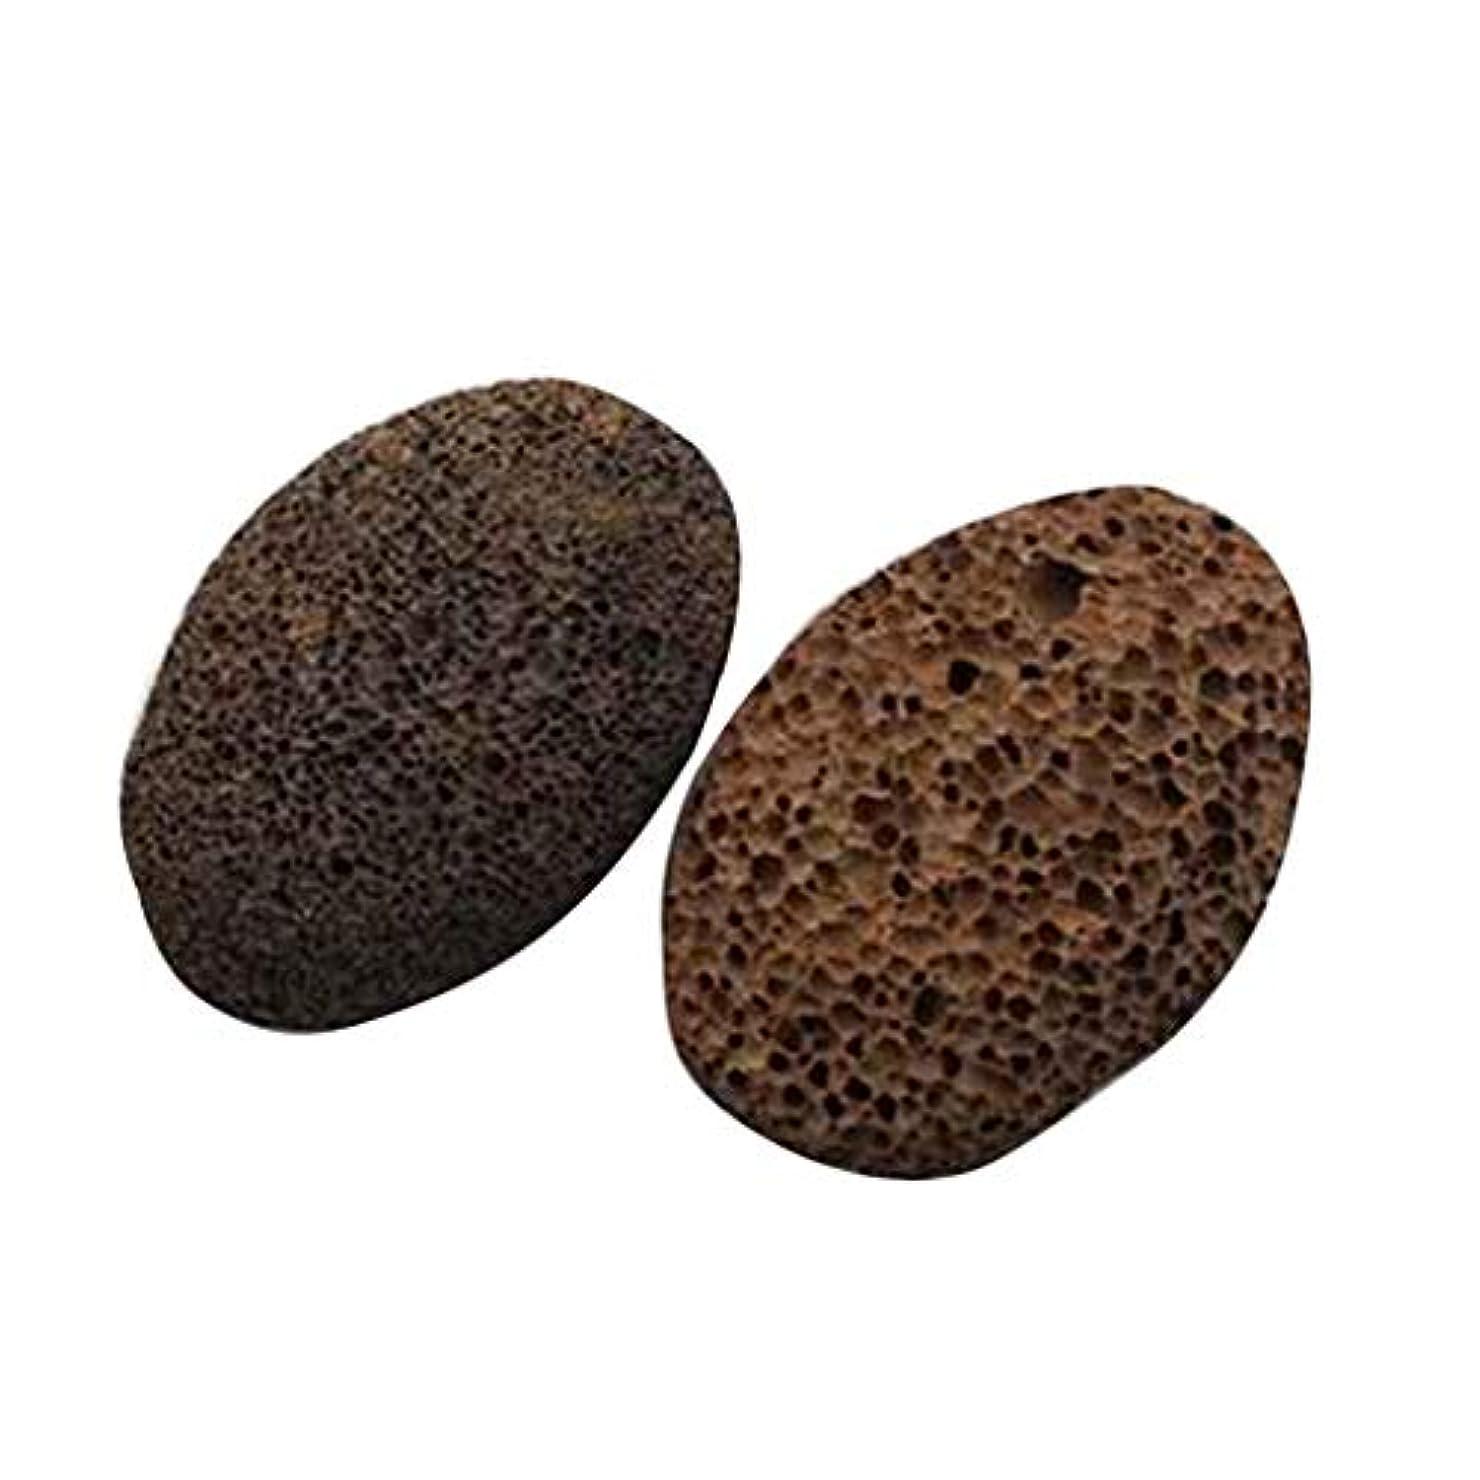 マイクロプロセッササーバ中毒Vonarly ワイプ足石 死んだ皮軽石を取り除き 足石を挽いて 自然の火山石を剥がします 足マッサージ石 2個セット